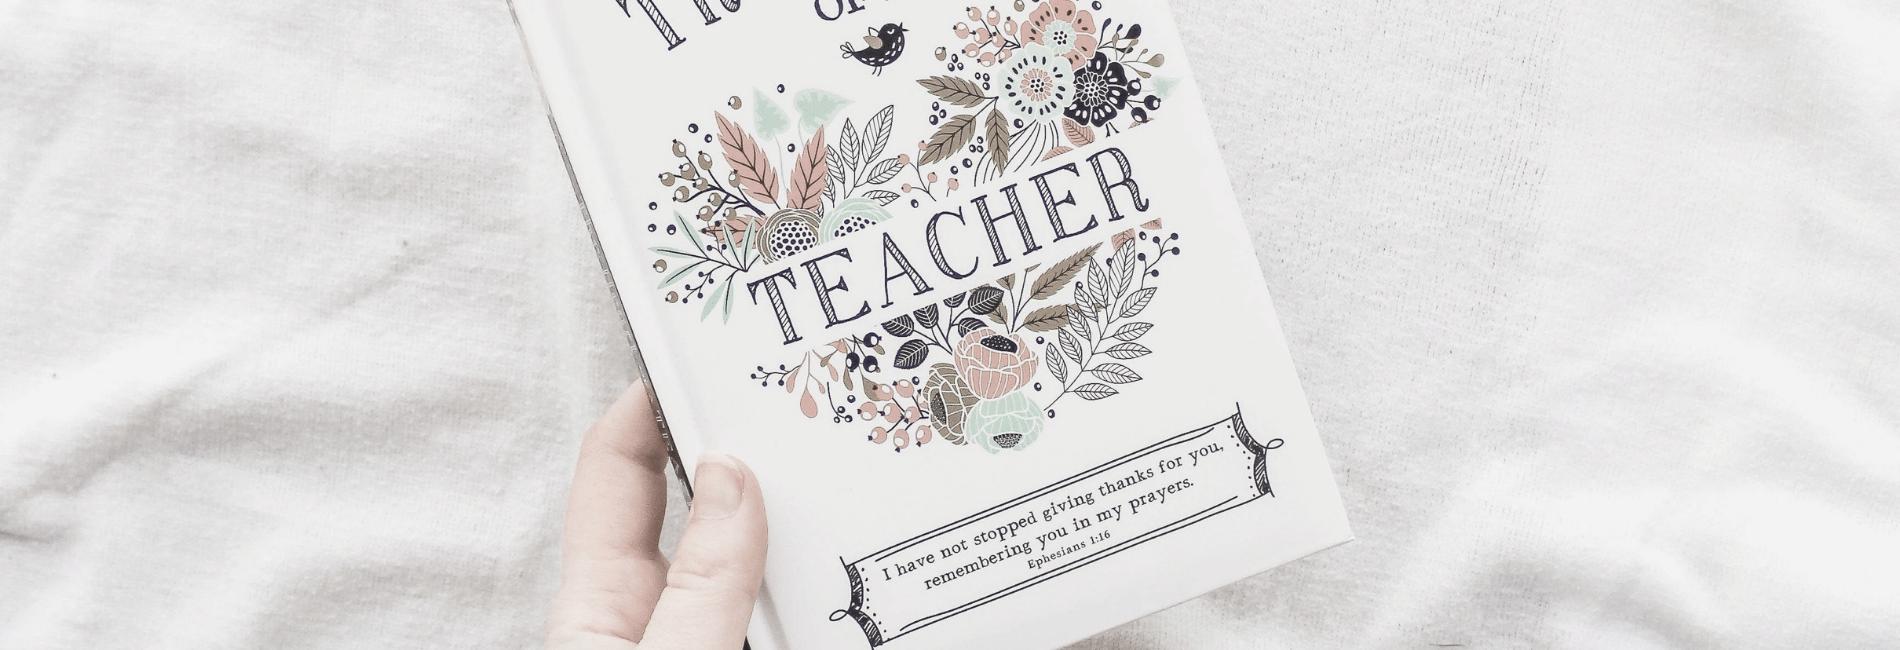 Veerkrachtige leerkrachten